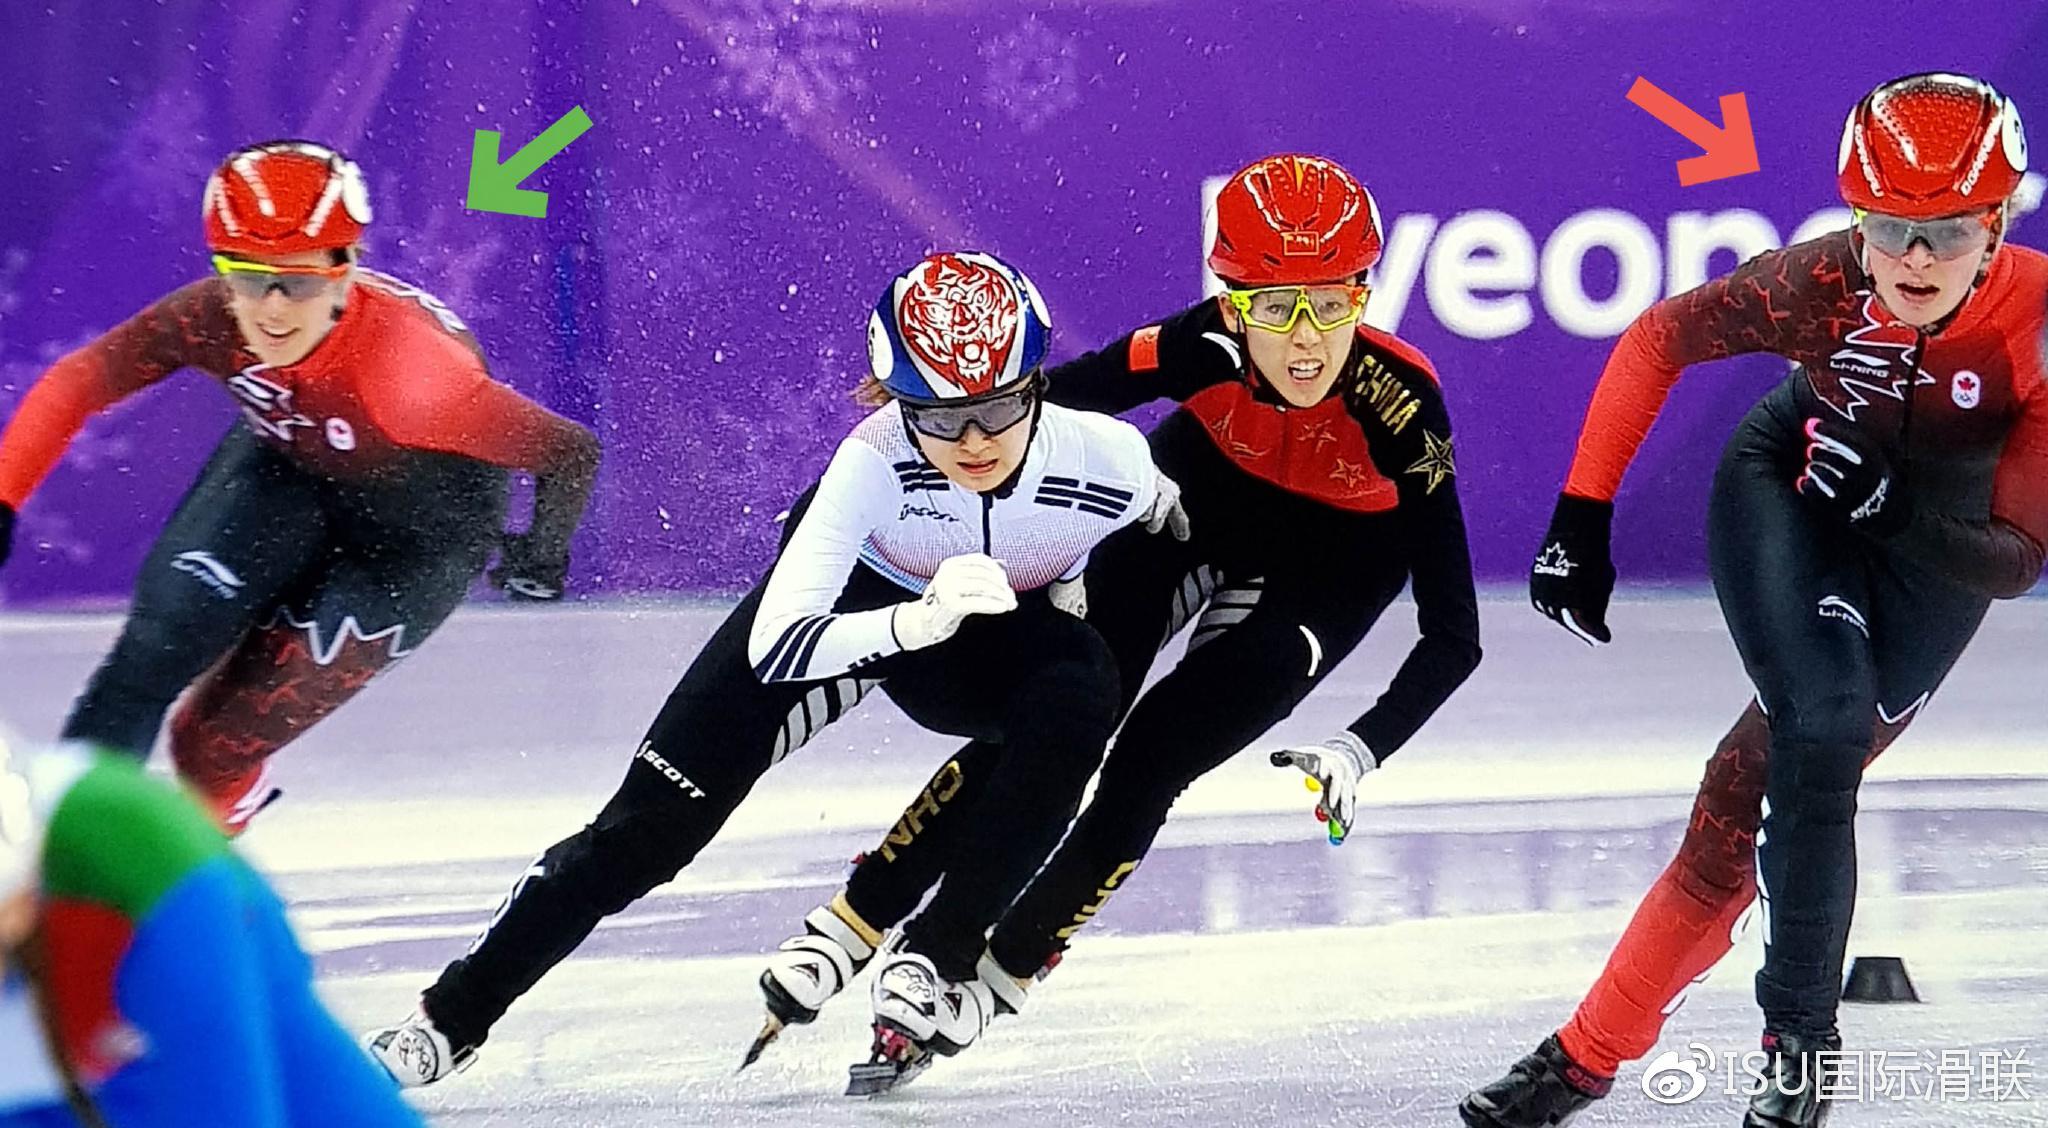 国际滑联3天内第二次力挺韩国!网友责问却未获回应